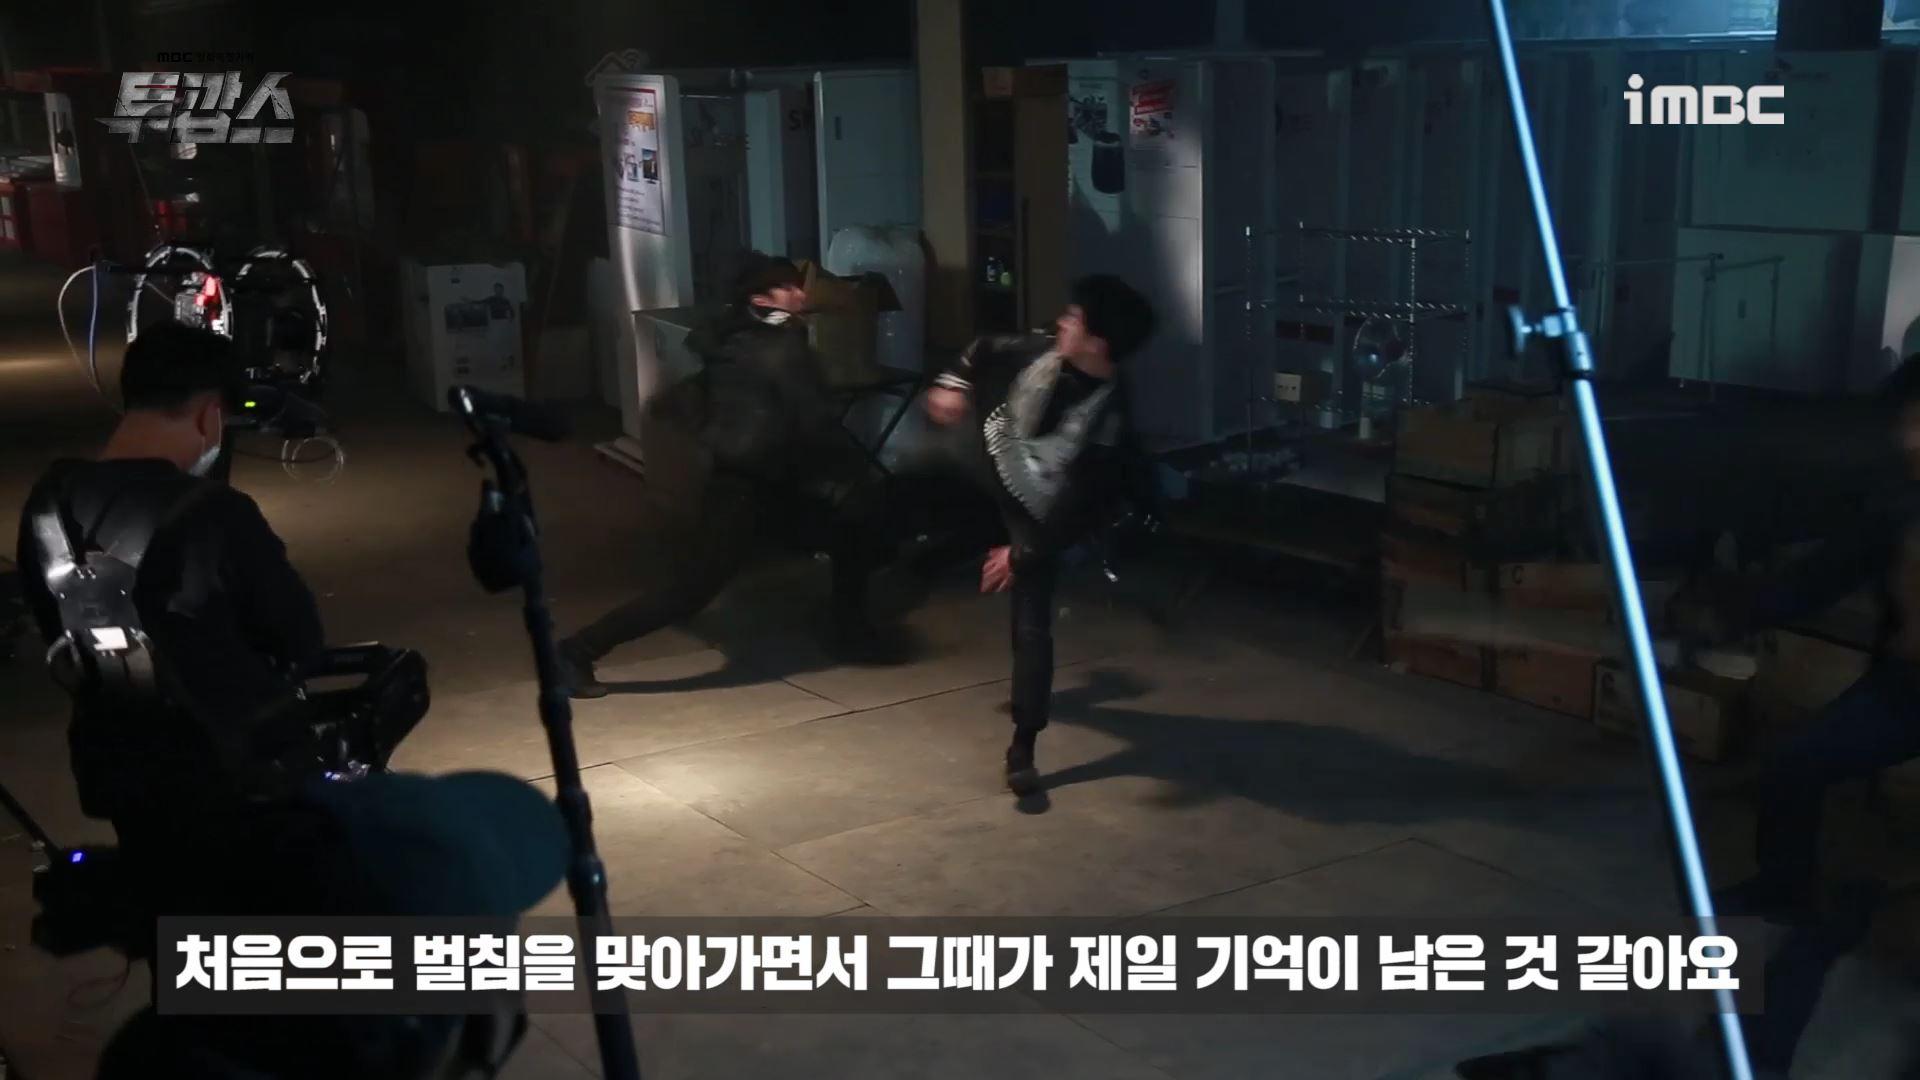 """[끝터뷰] <투깝스> 조정석, """"벌침 맞으며 액션씬 촬영. 가장 기억에 남아"""""""